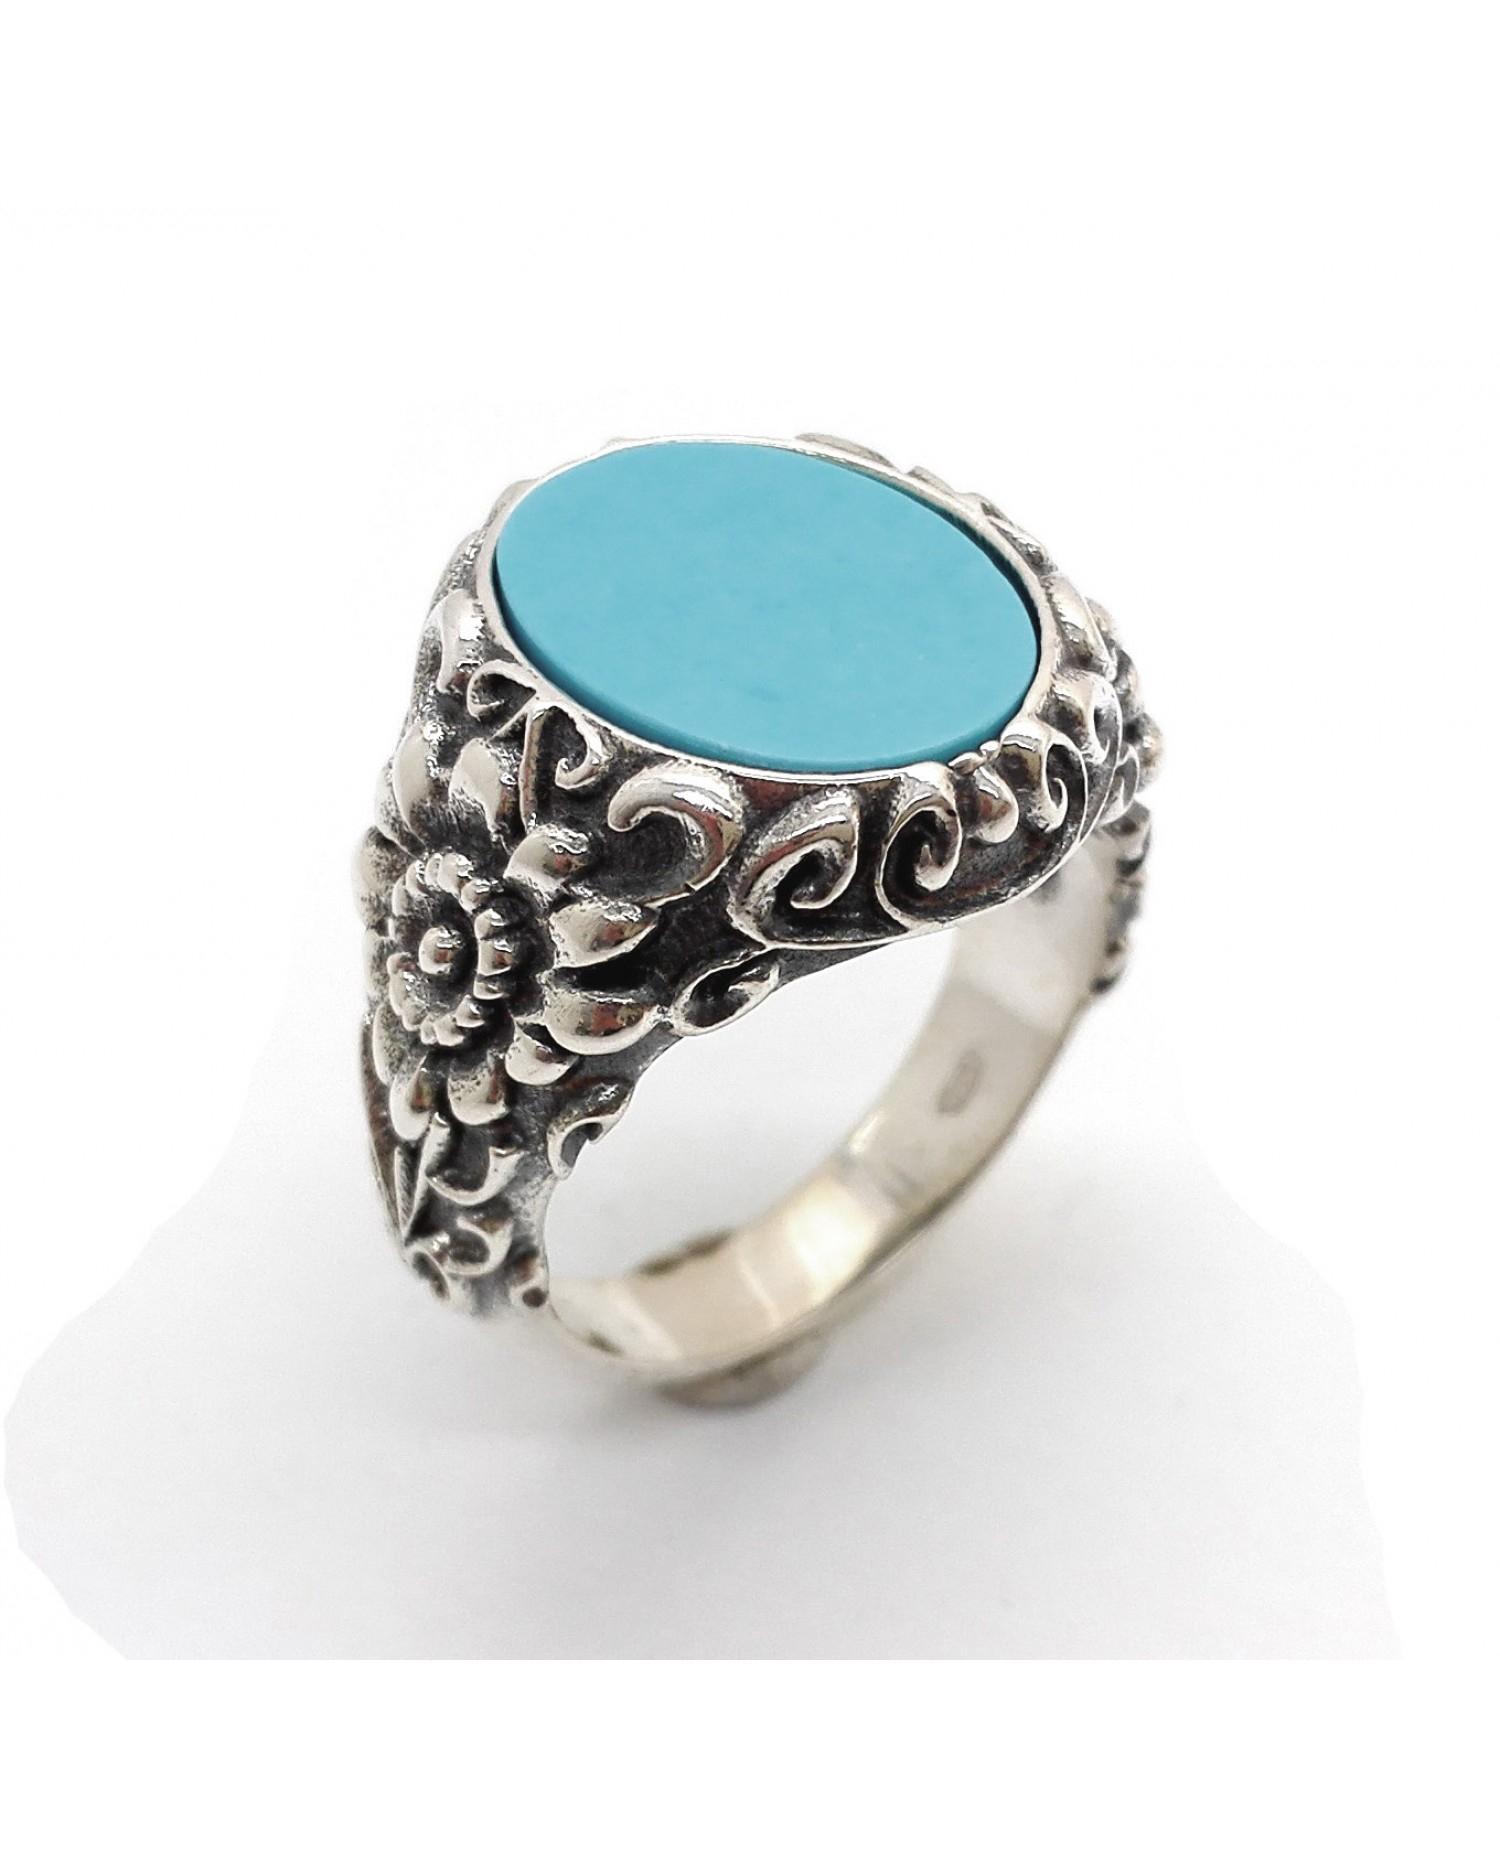 Anello in argento lavorato con pietra naturale di forma ovale.